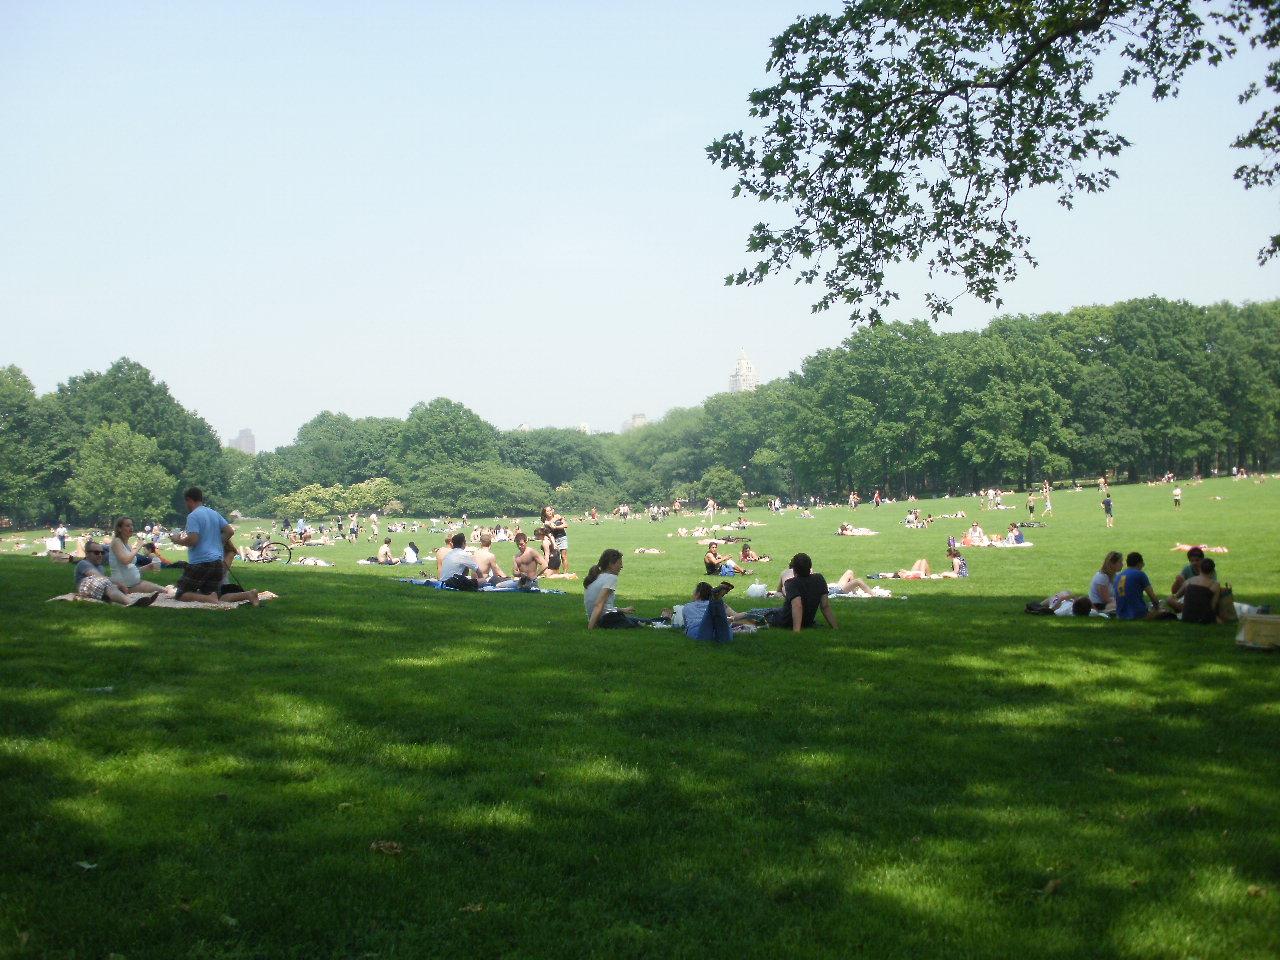 初夏のセントラルパーク_f0095325_20273265.jpg